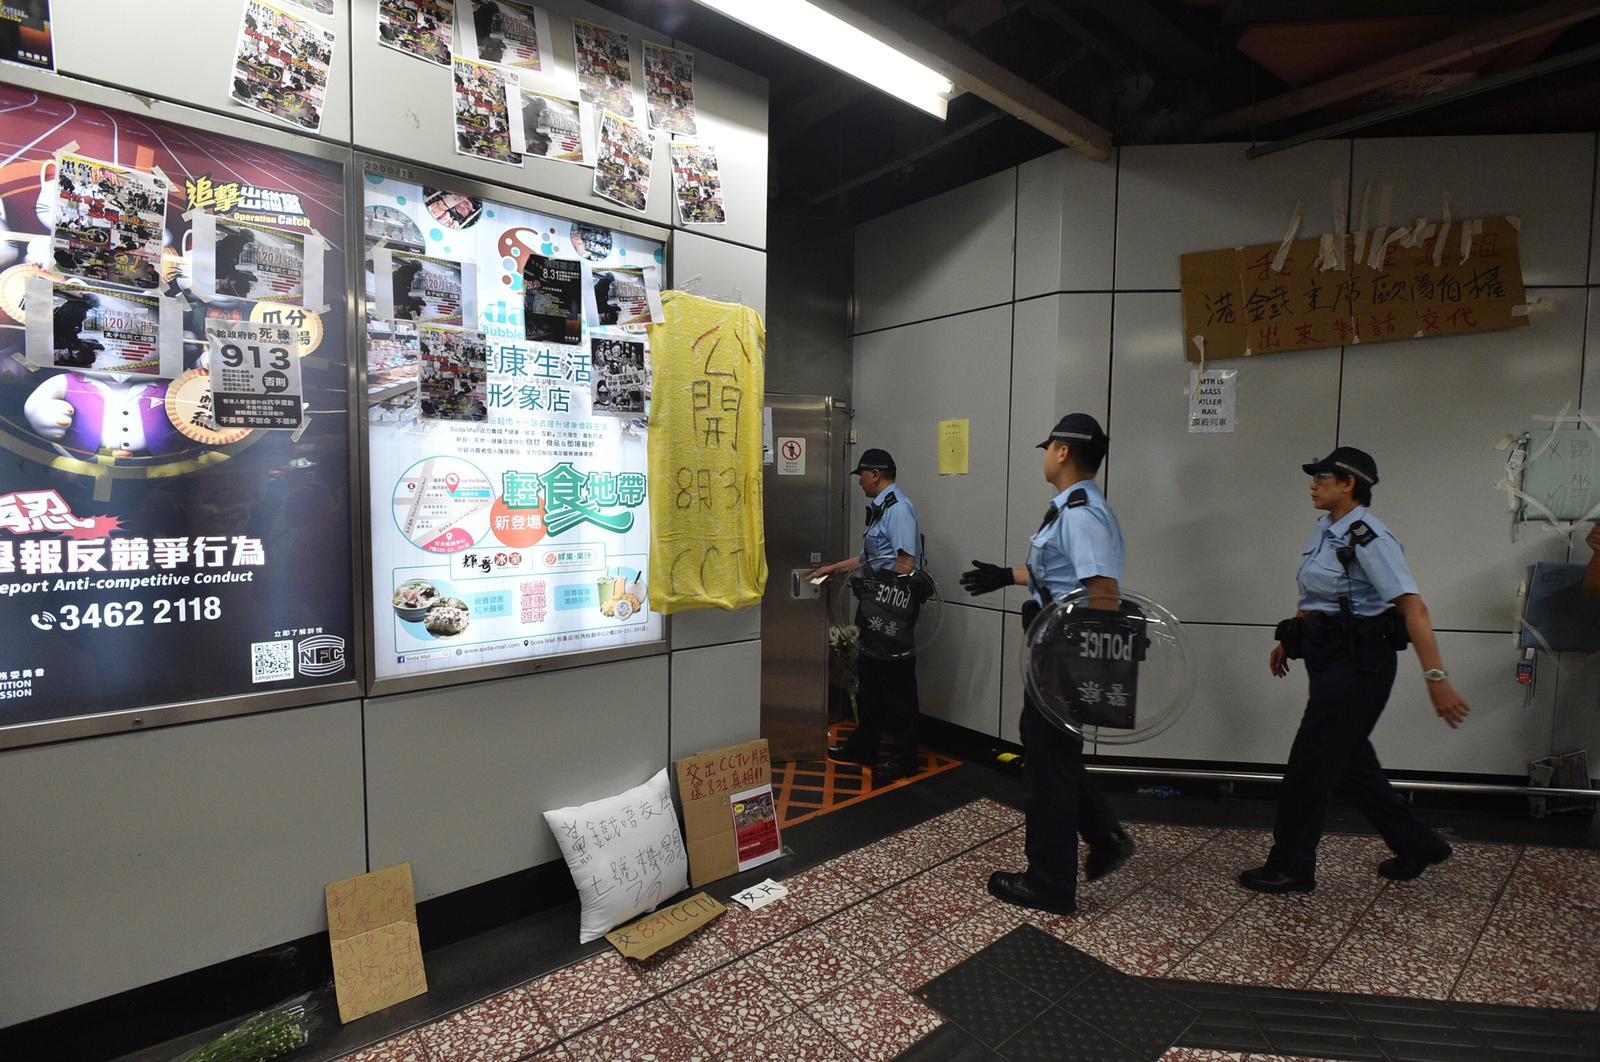 【修例風波】示威者轉到太子站外聚集 警旺角警署內舉藍旗